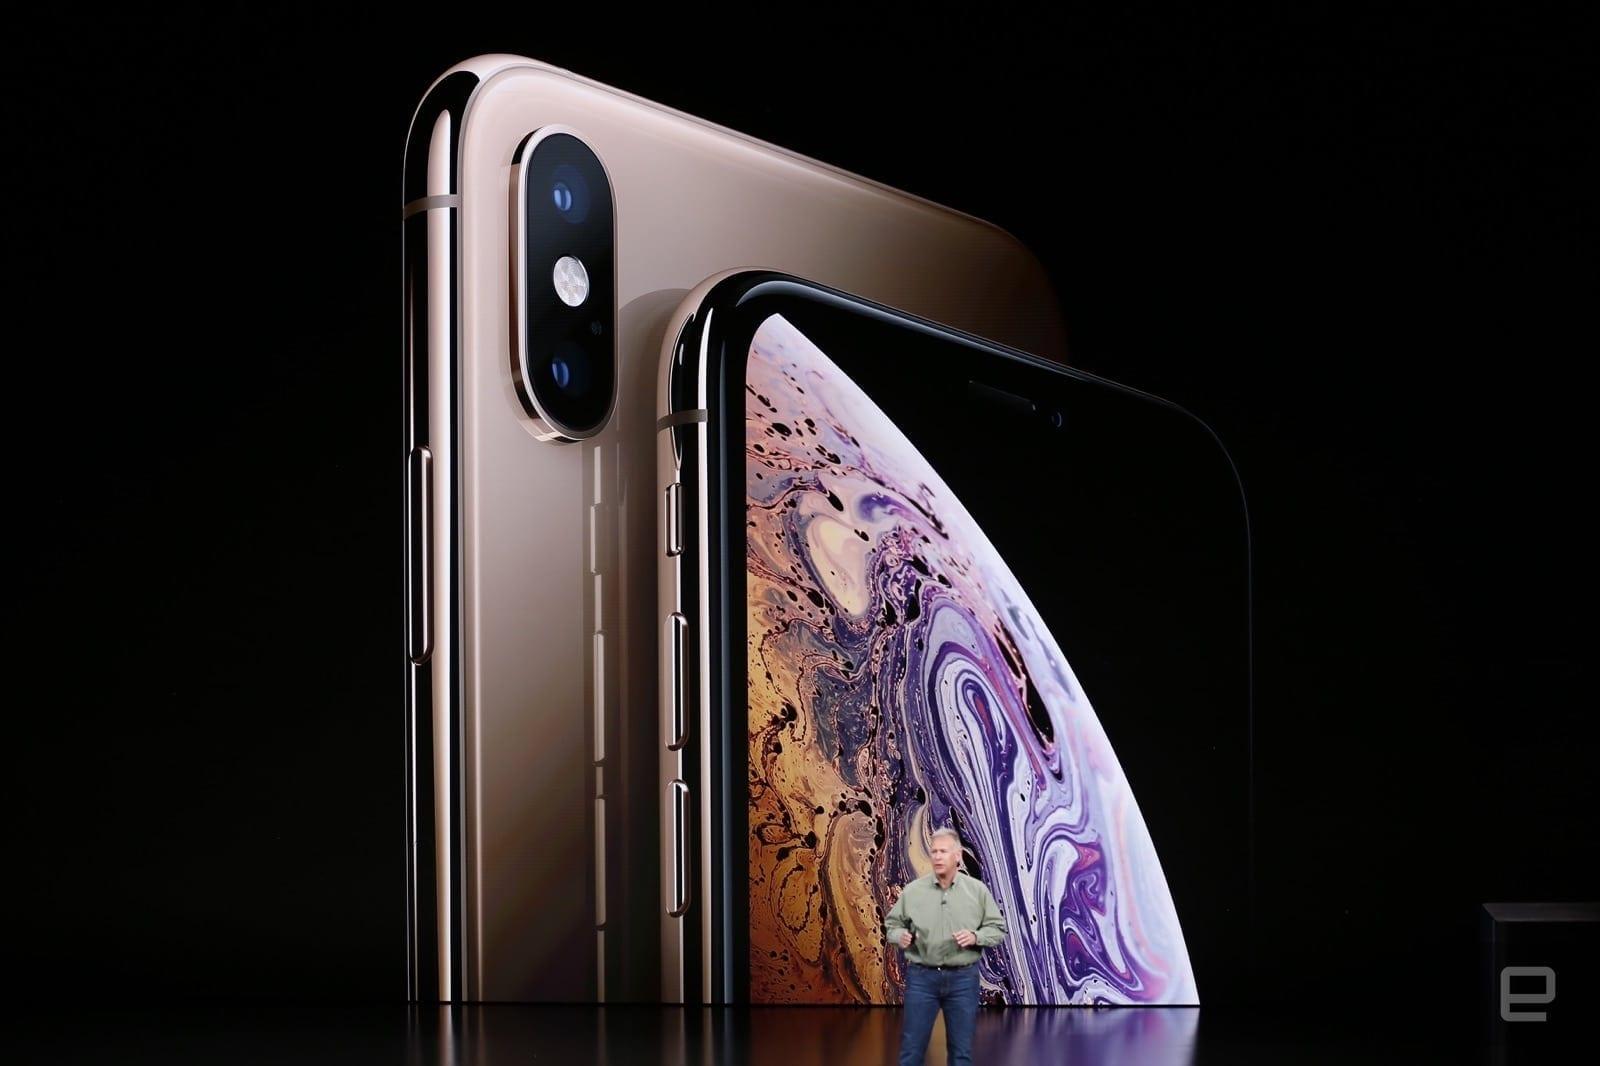 Apple a lansat două modele iPhone Xs. Versiunea Max aduce un ecran uriaș